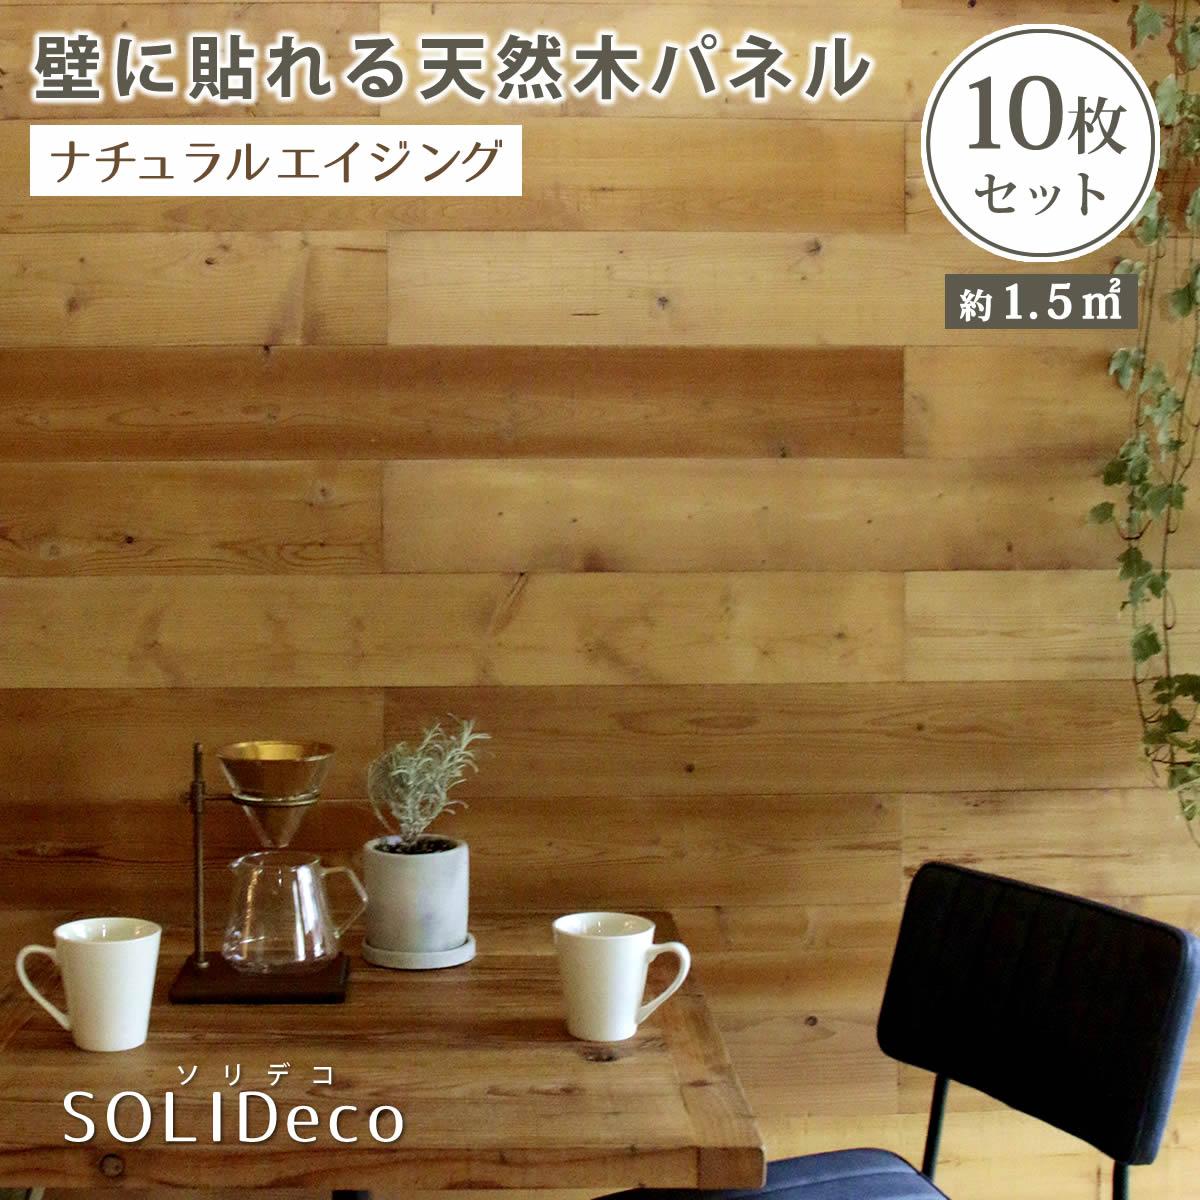 壁パネル ウォールパネル 爆買い送料無料 ウッドパネル DIY 壁紙 SOLIDECO 10枚組 約1.5m2 送料無料 高級 壁に貼れる天然木パネル